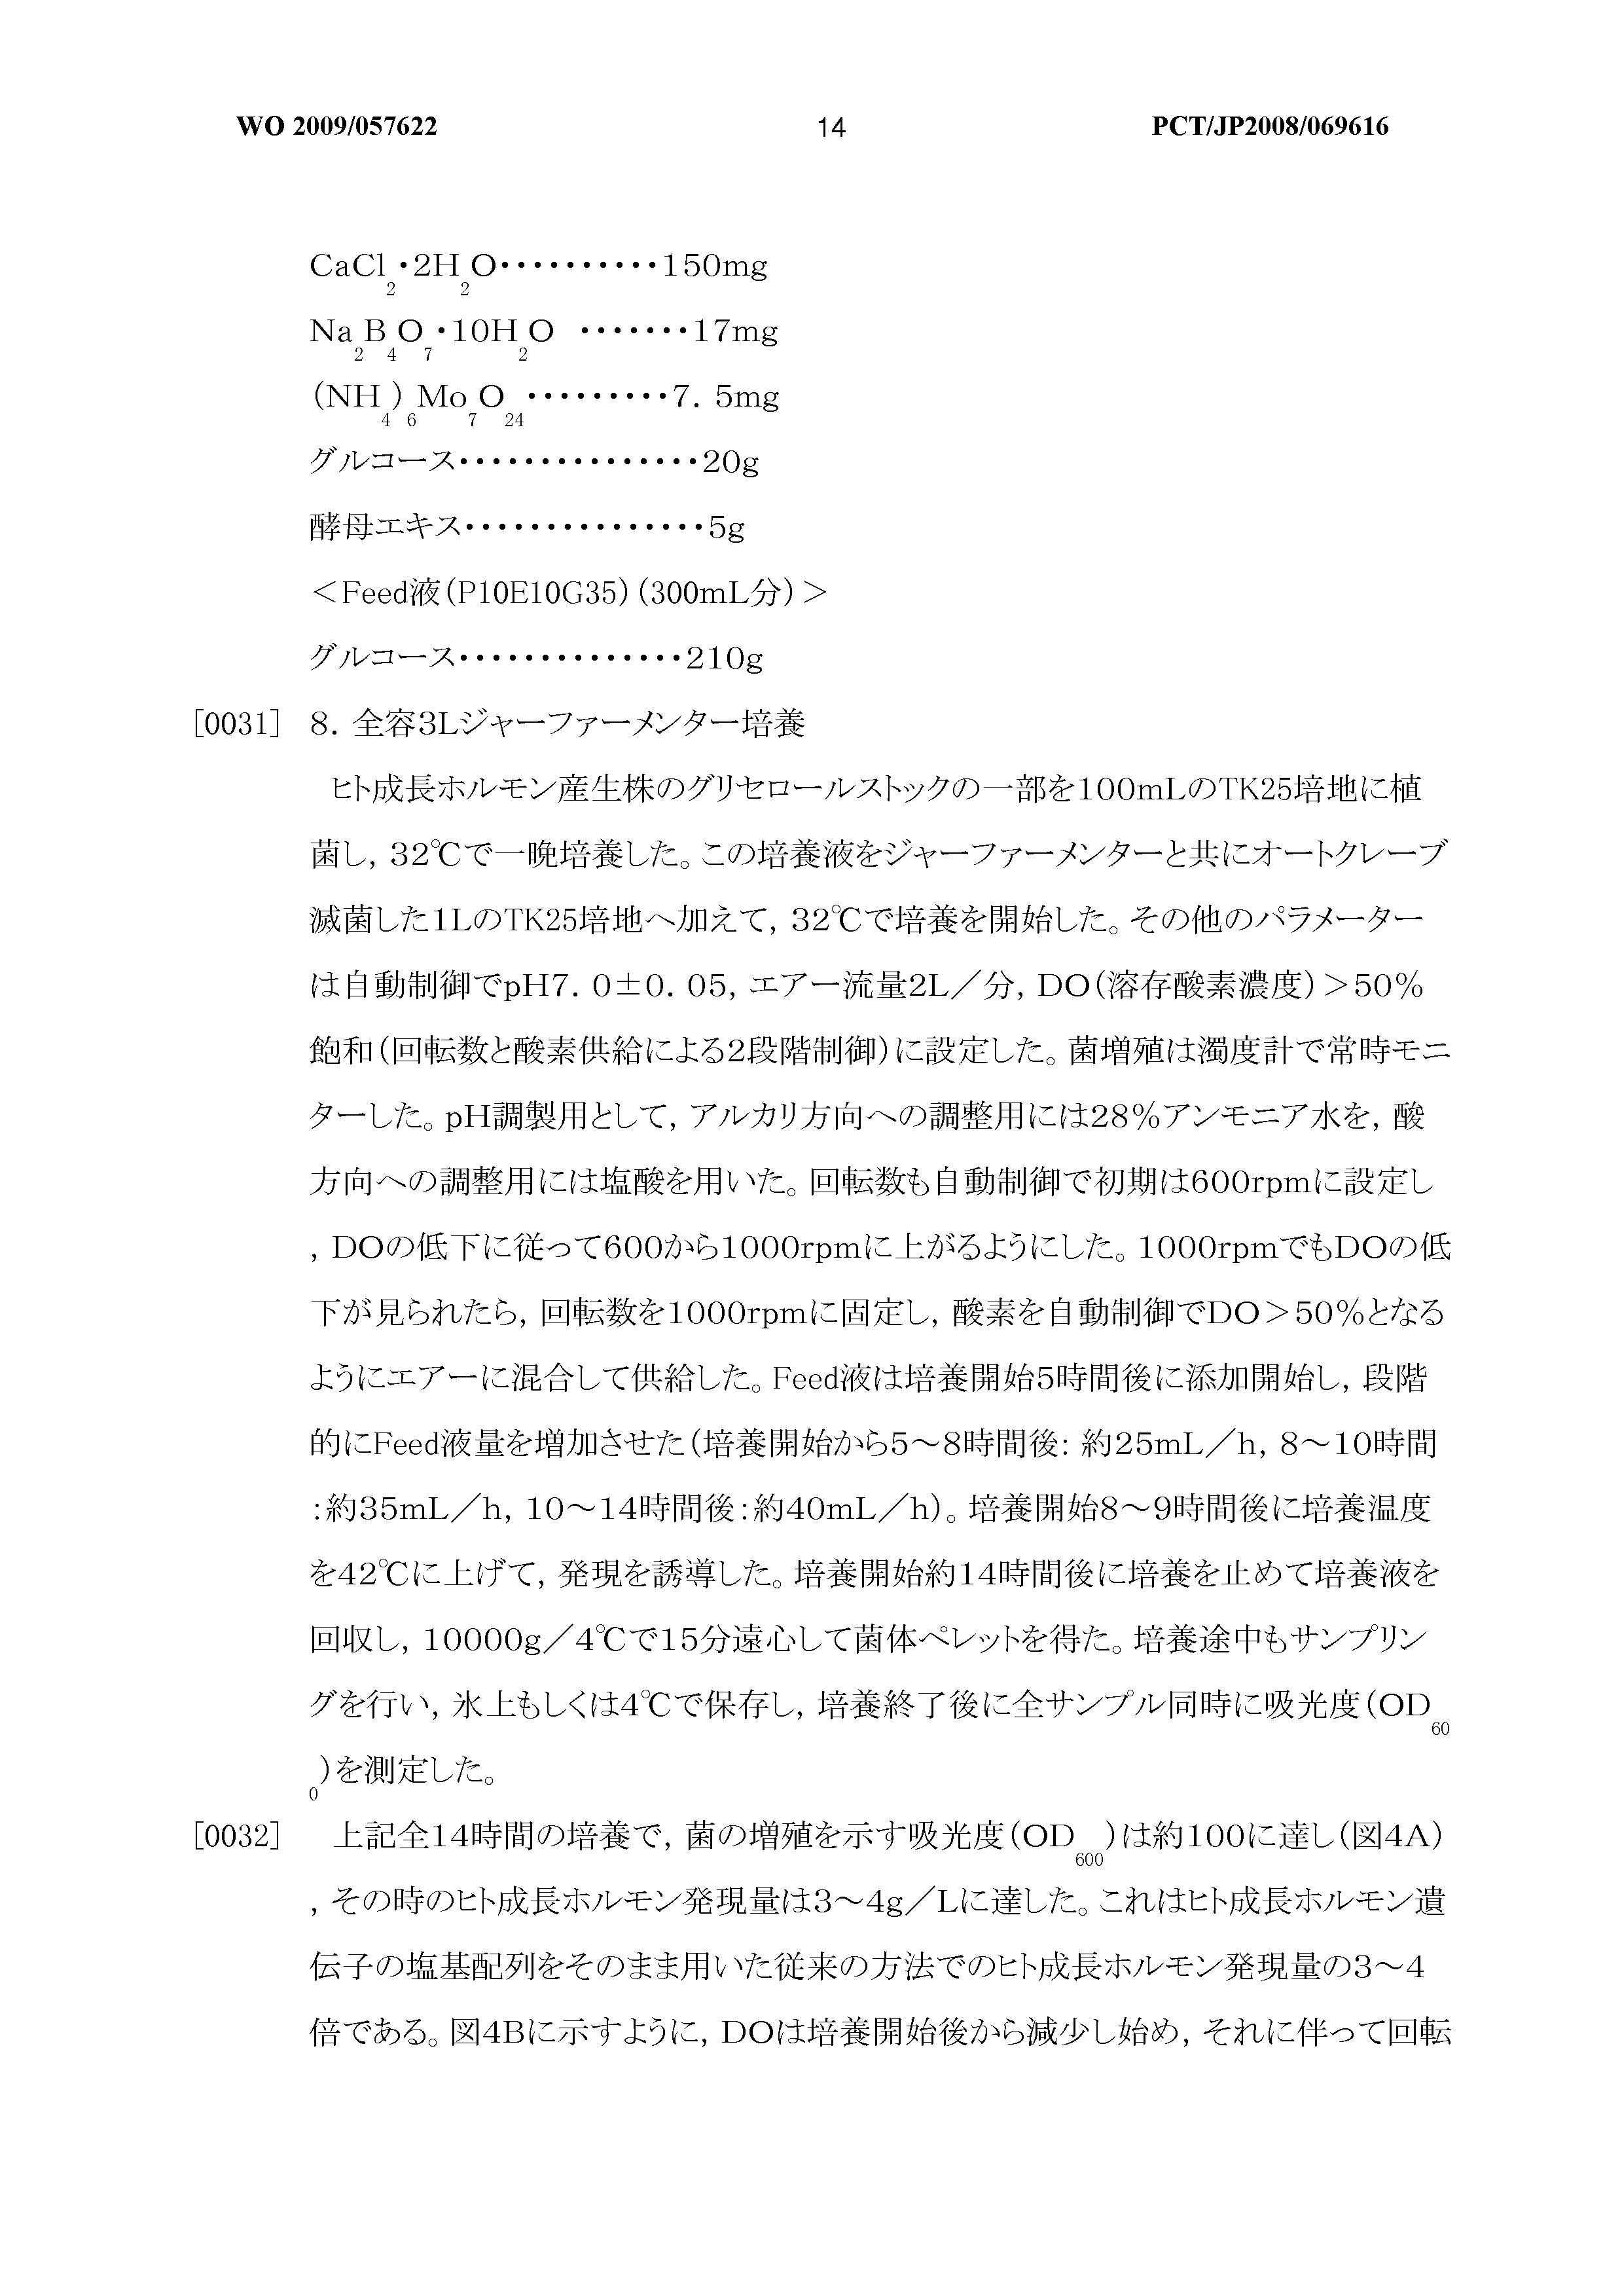 塩 グアニジン 塩酸